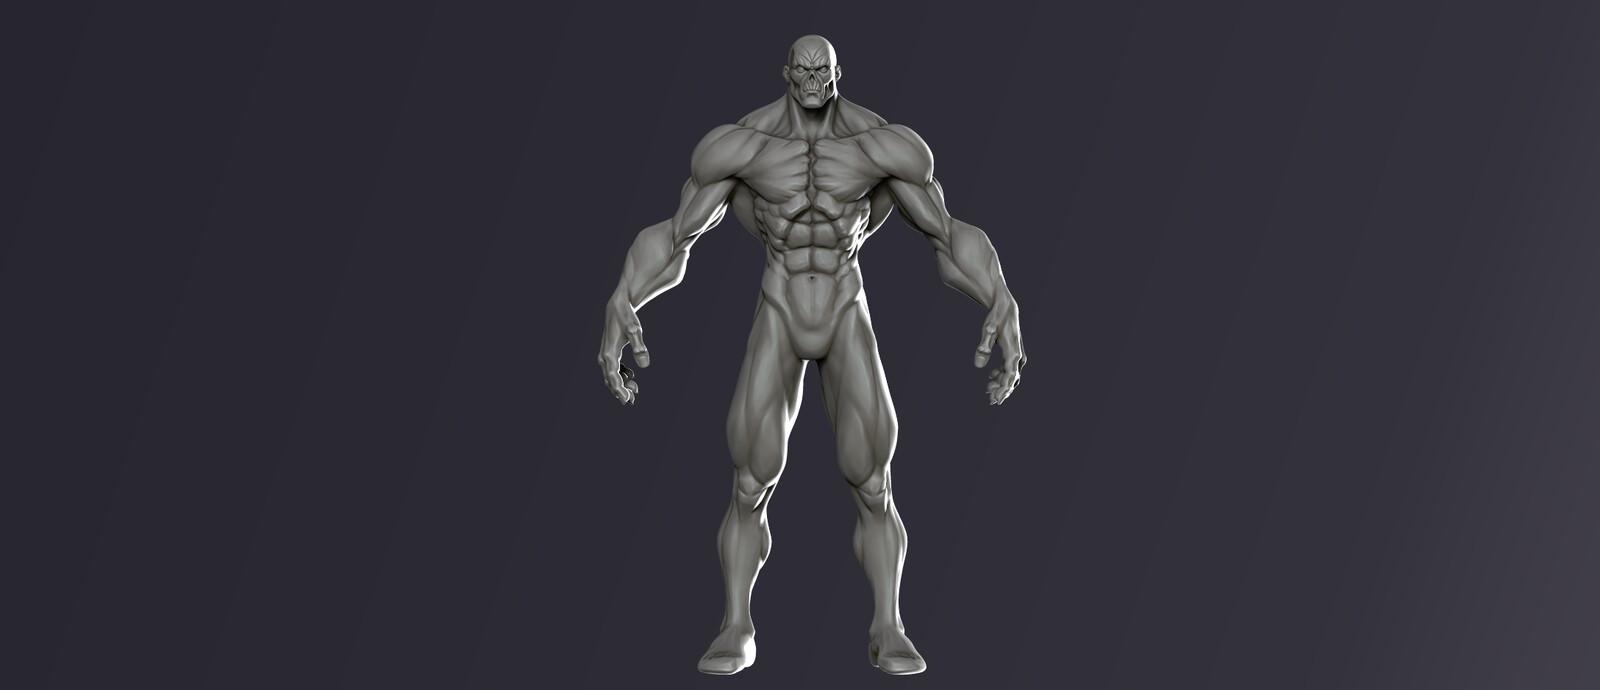 Stylized Anatomy Study